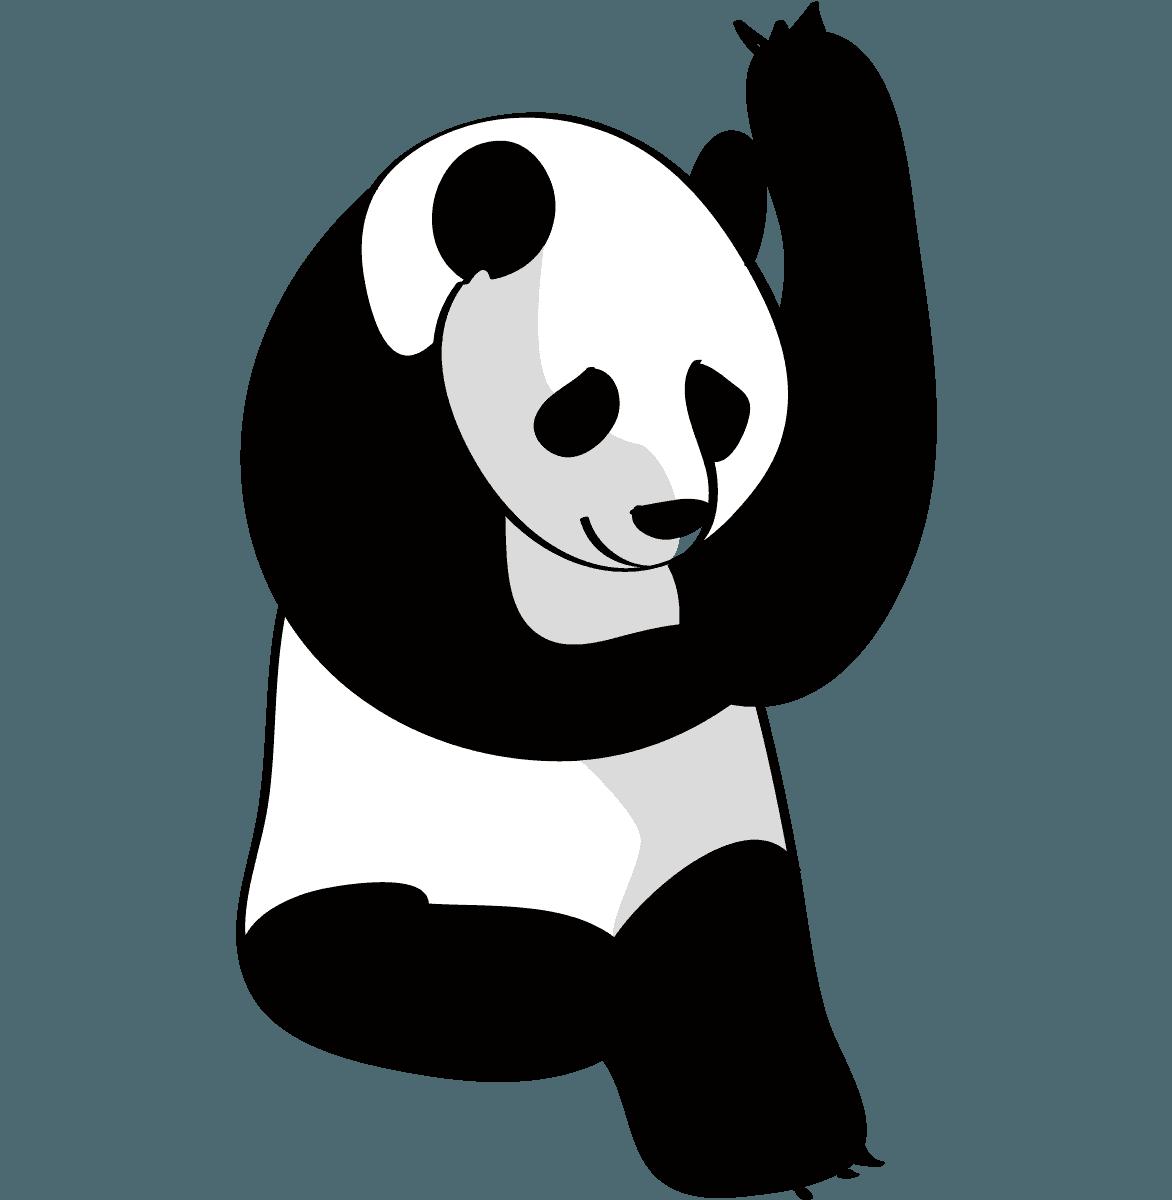 面白可愛いパンダのイラスト フリーキャラクター素材 チコデザ